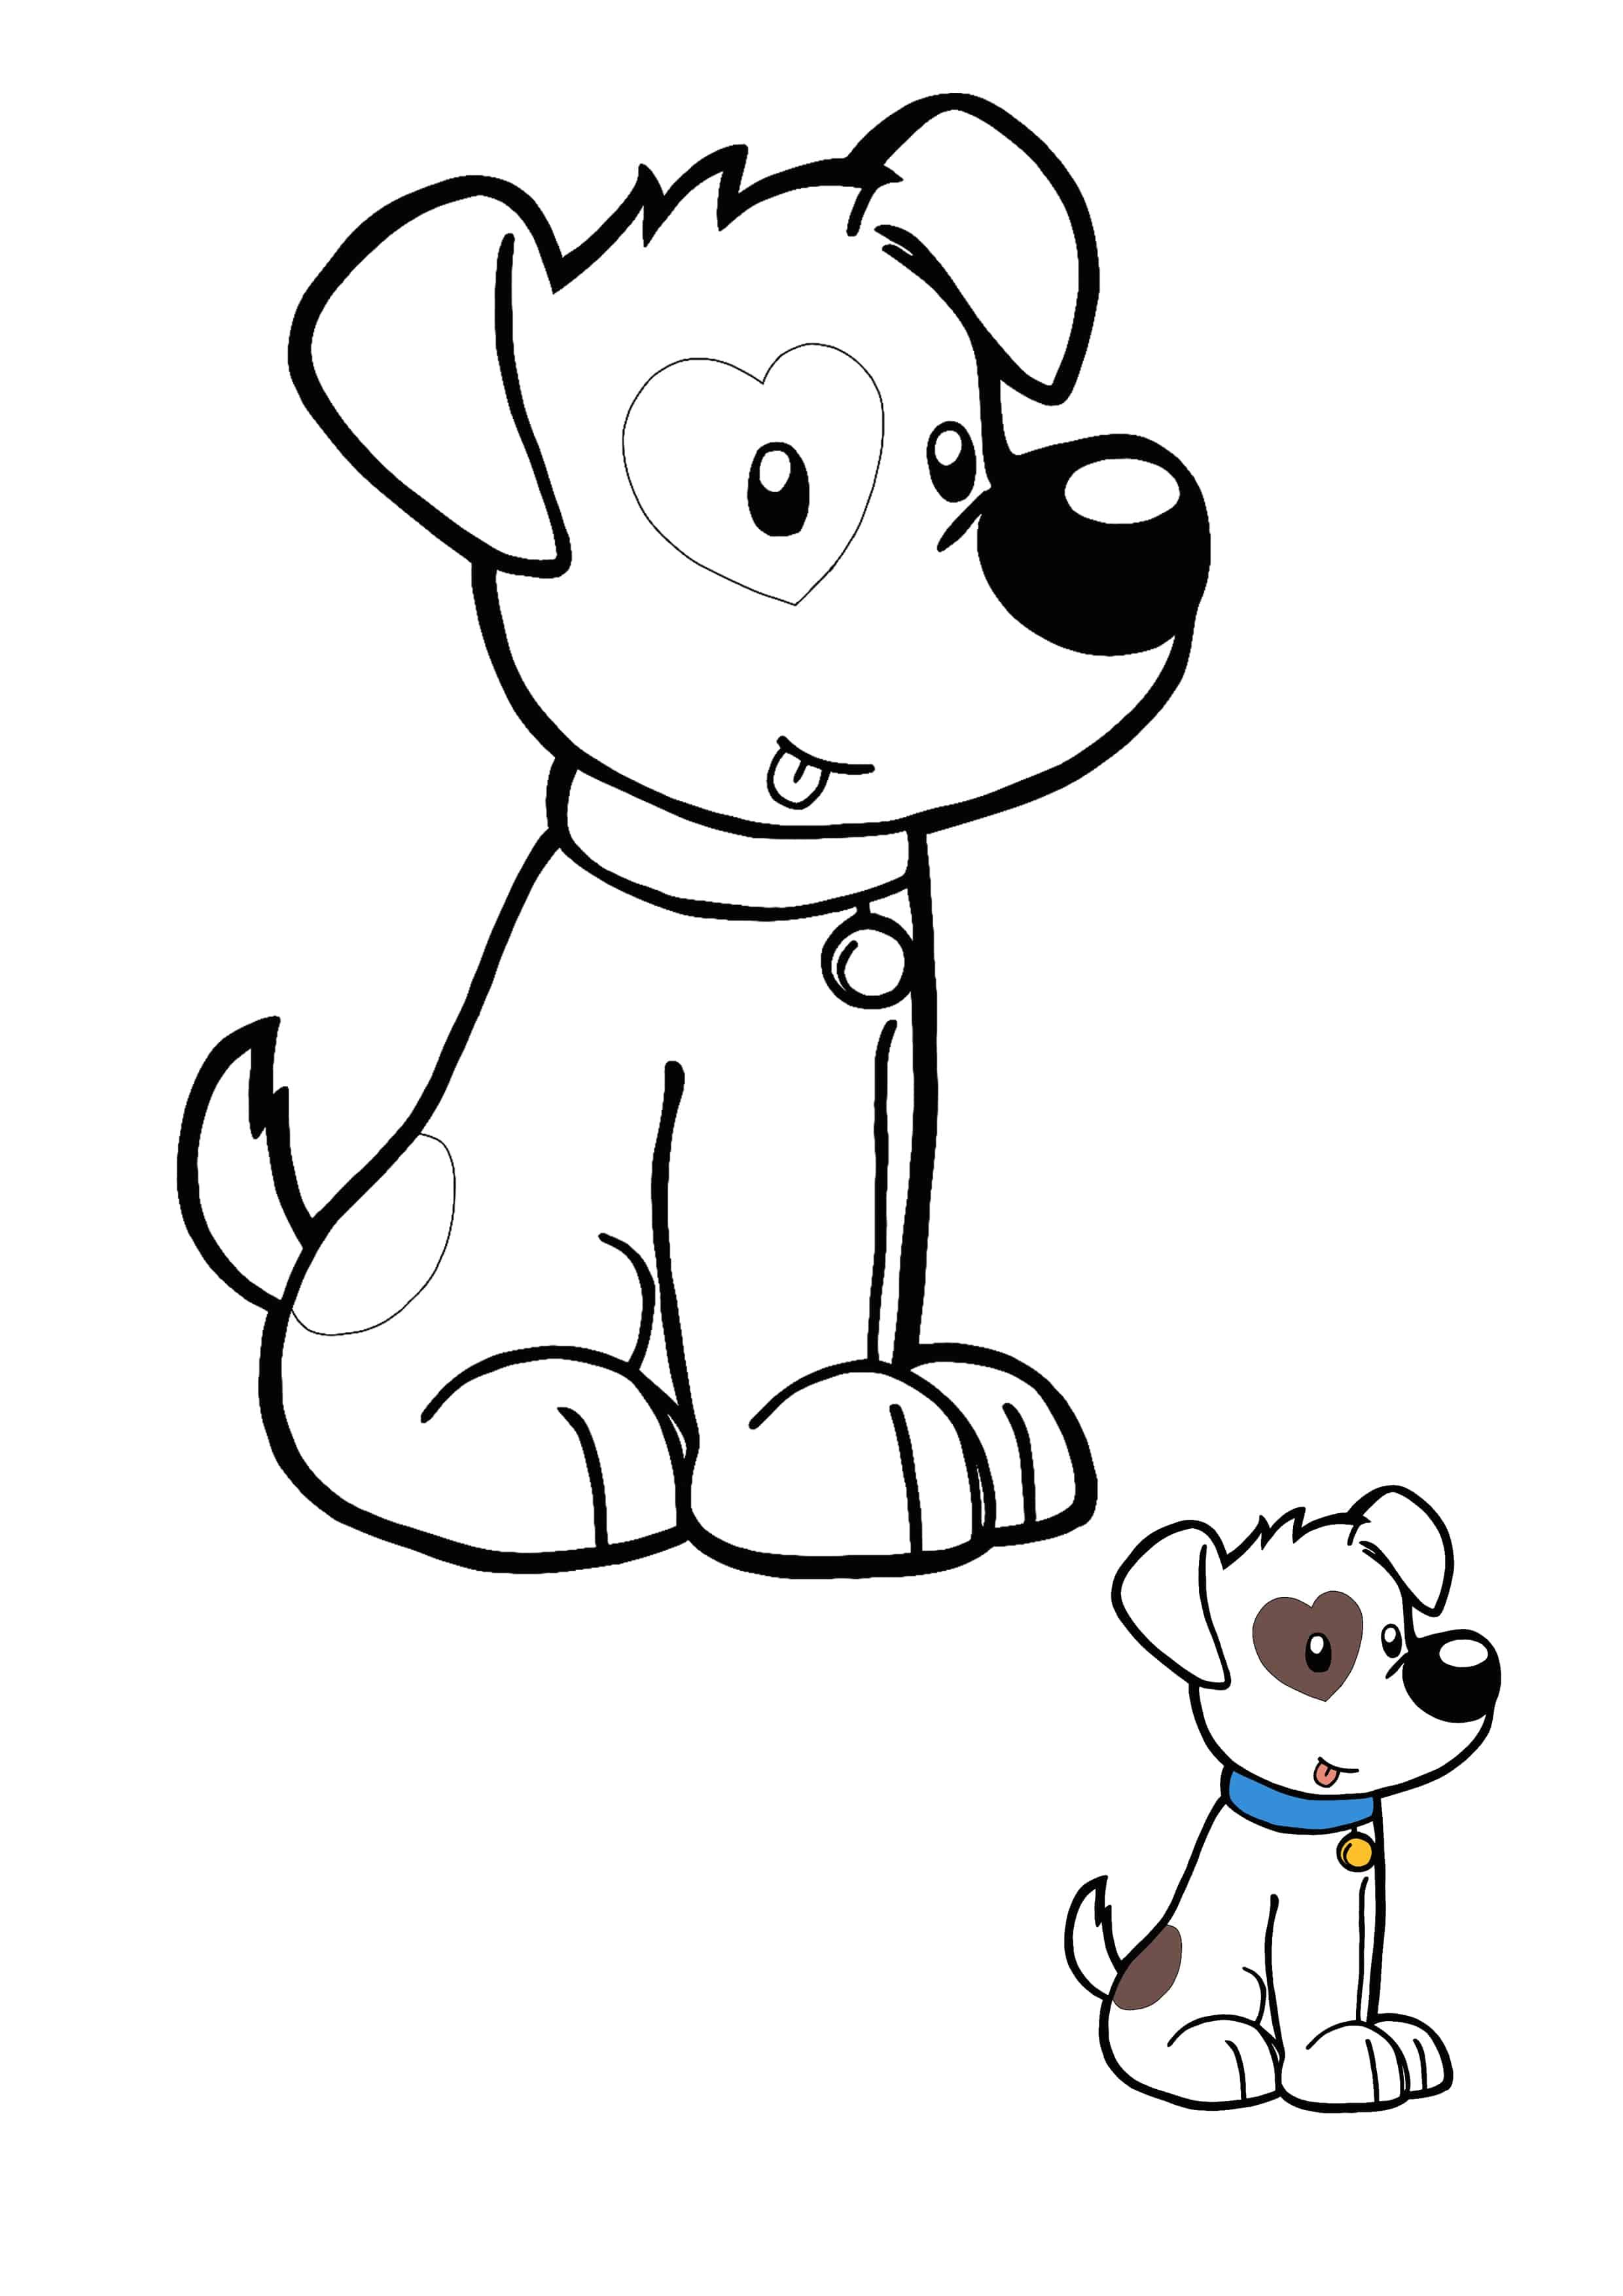 Kawaii Dog Coloring Sheet Dog Coloring Page Coloring Pages Kawaii Animals